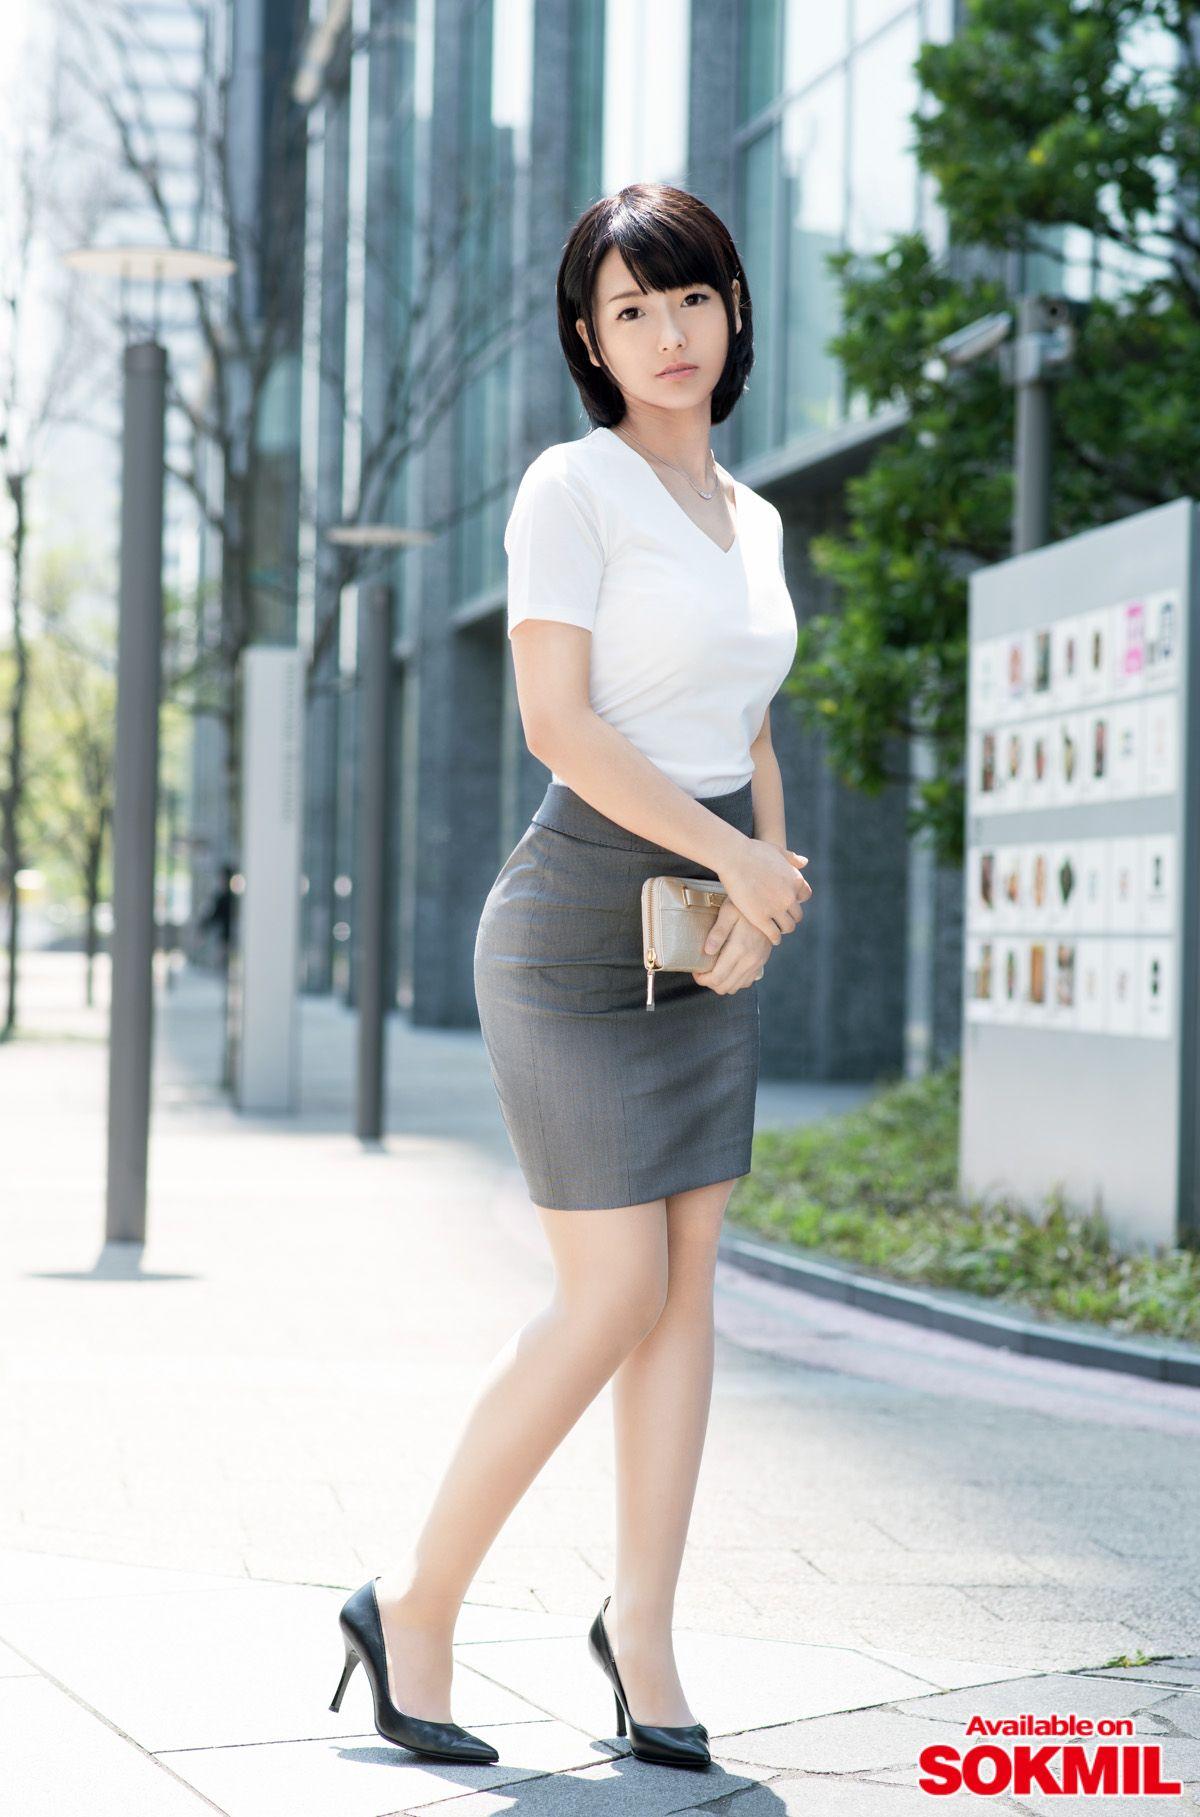 三次元 3次元 OL スーツ エロ画像 べっぴん娘通信 33